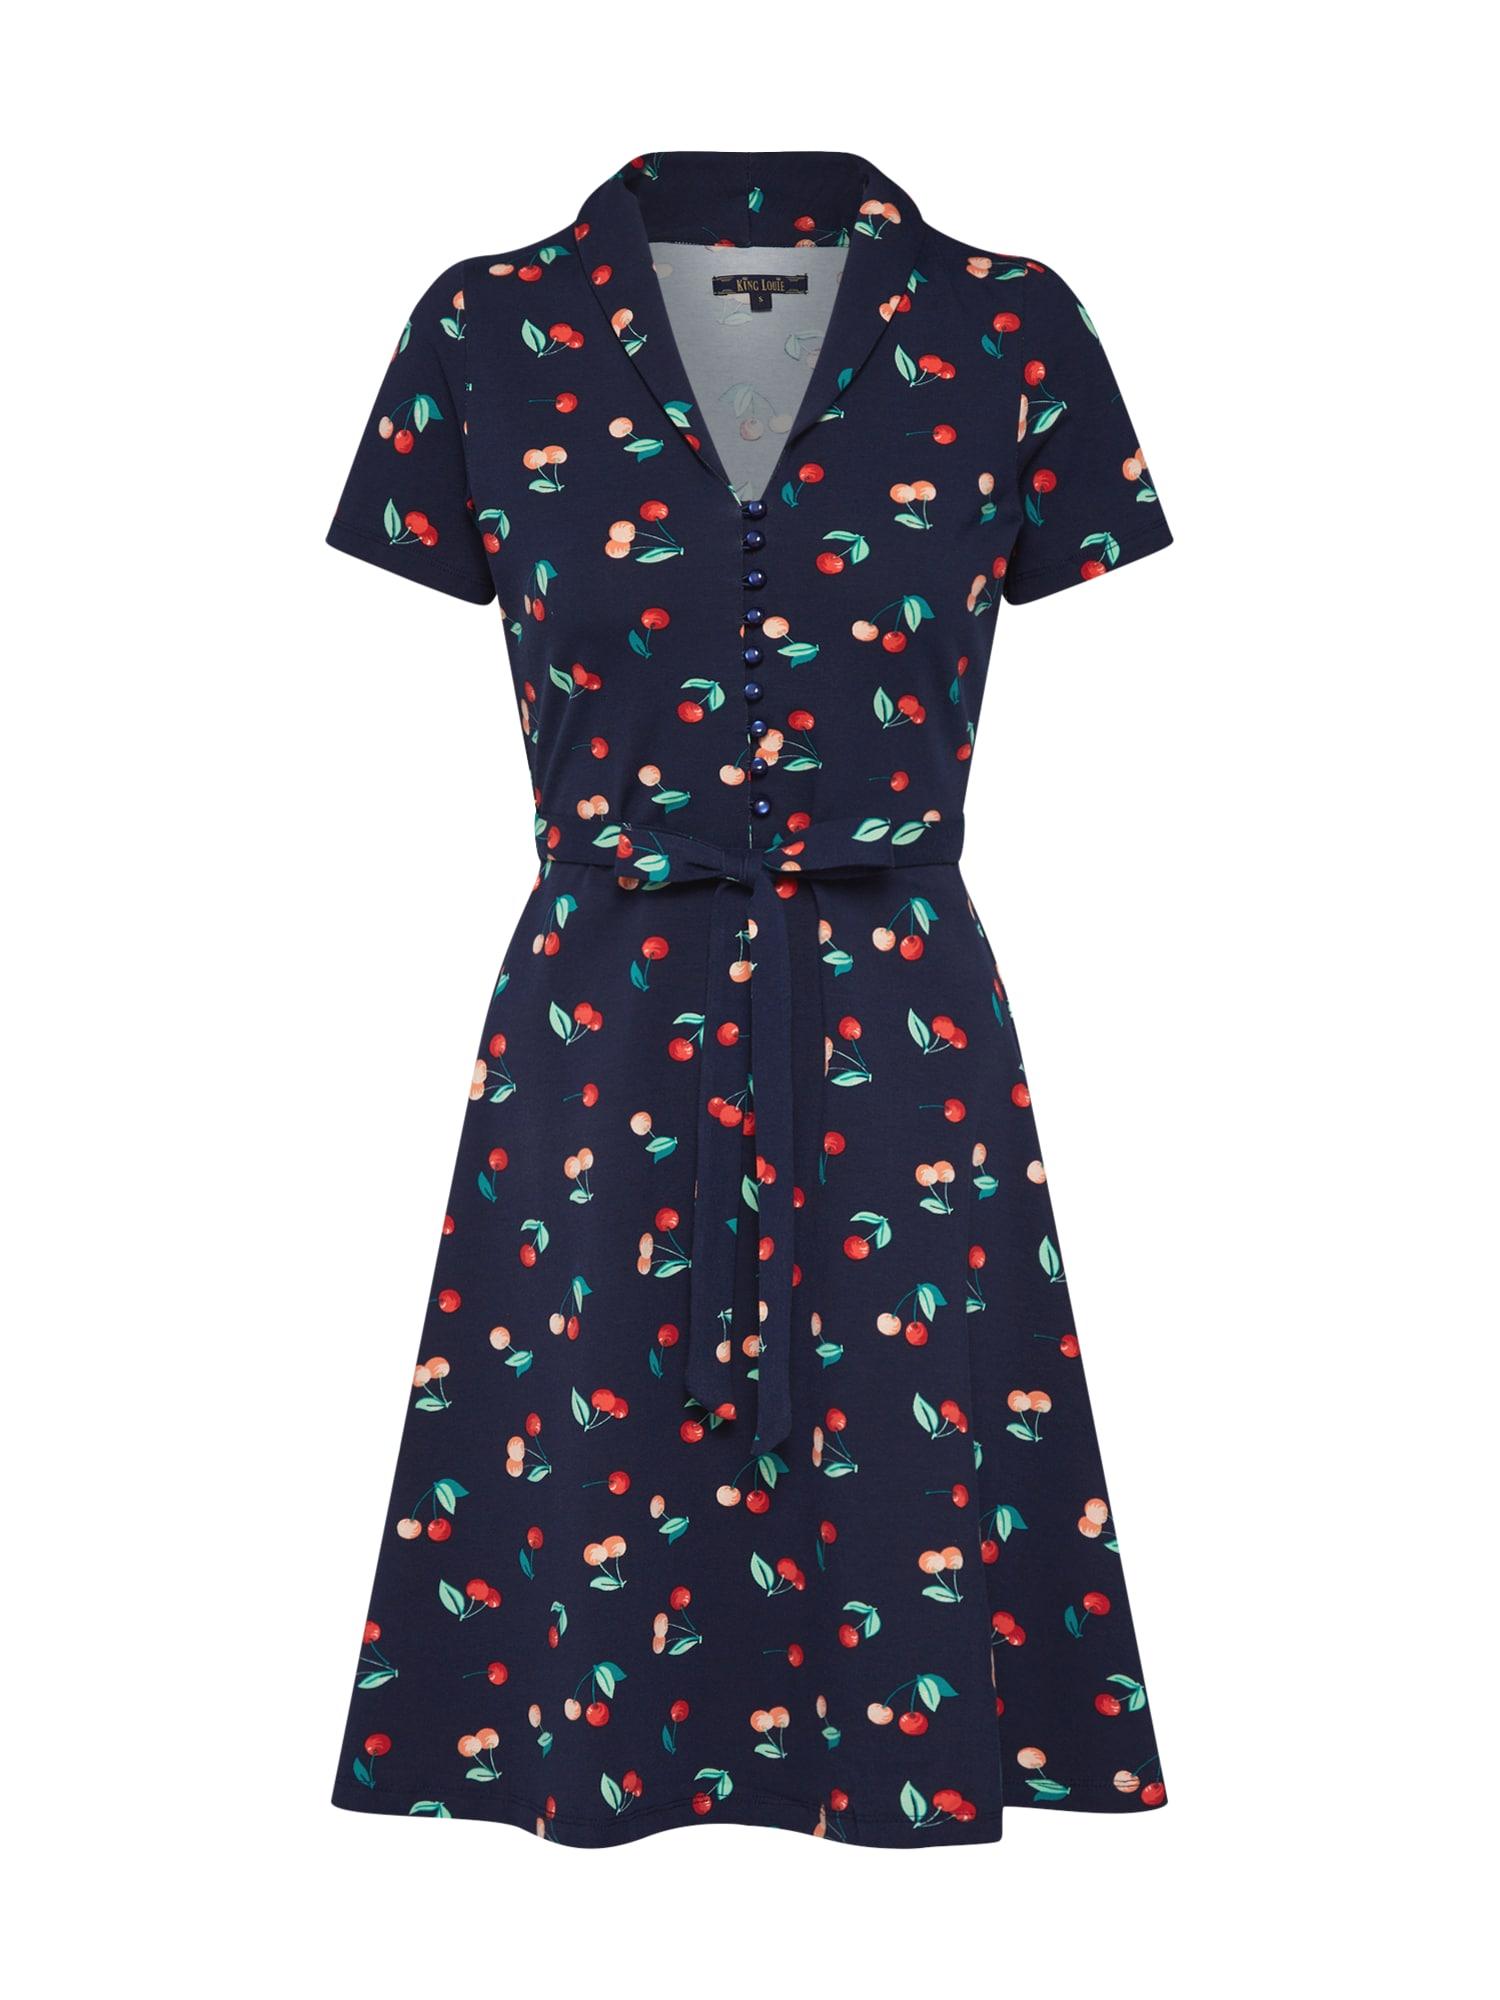 Letní šaty Emmy Dolce Vita tmavě modrá mix barev King Louie